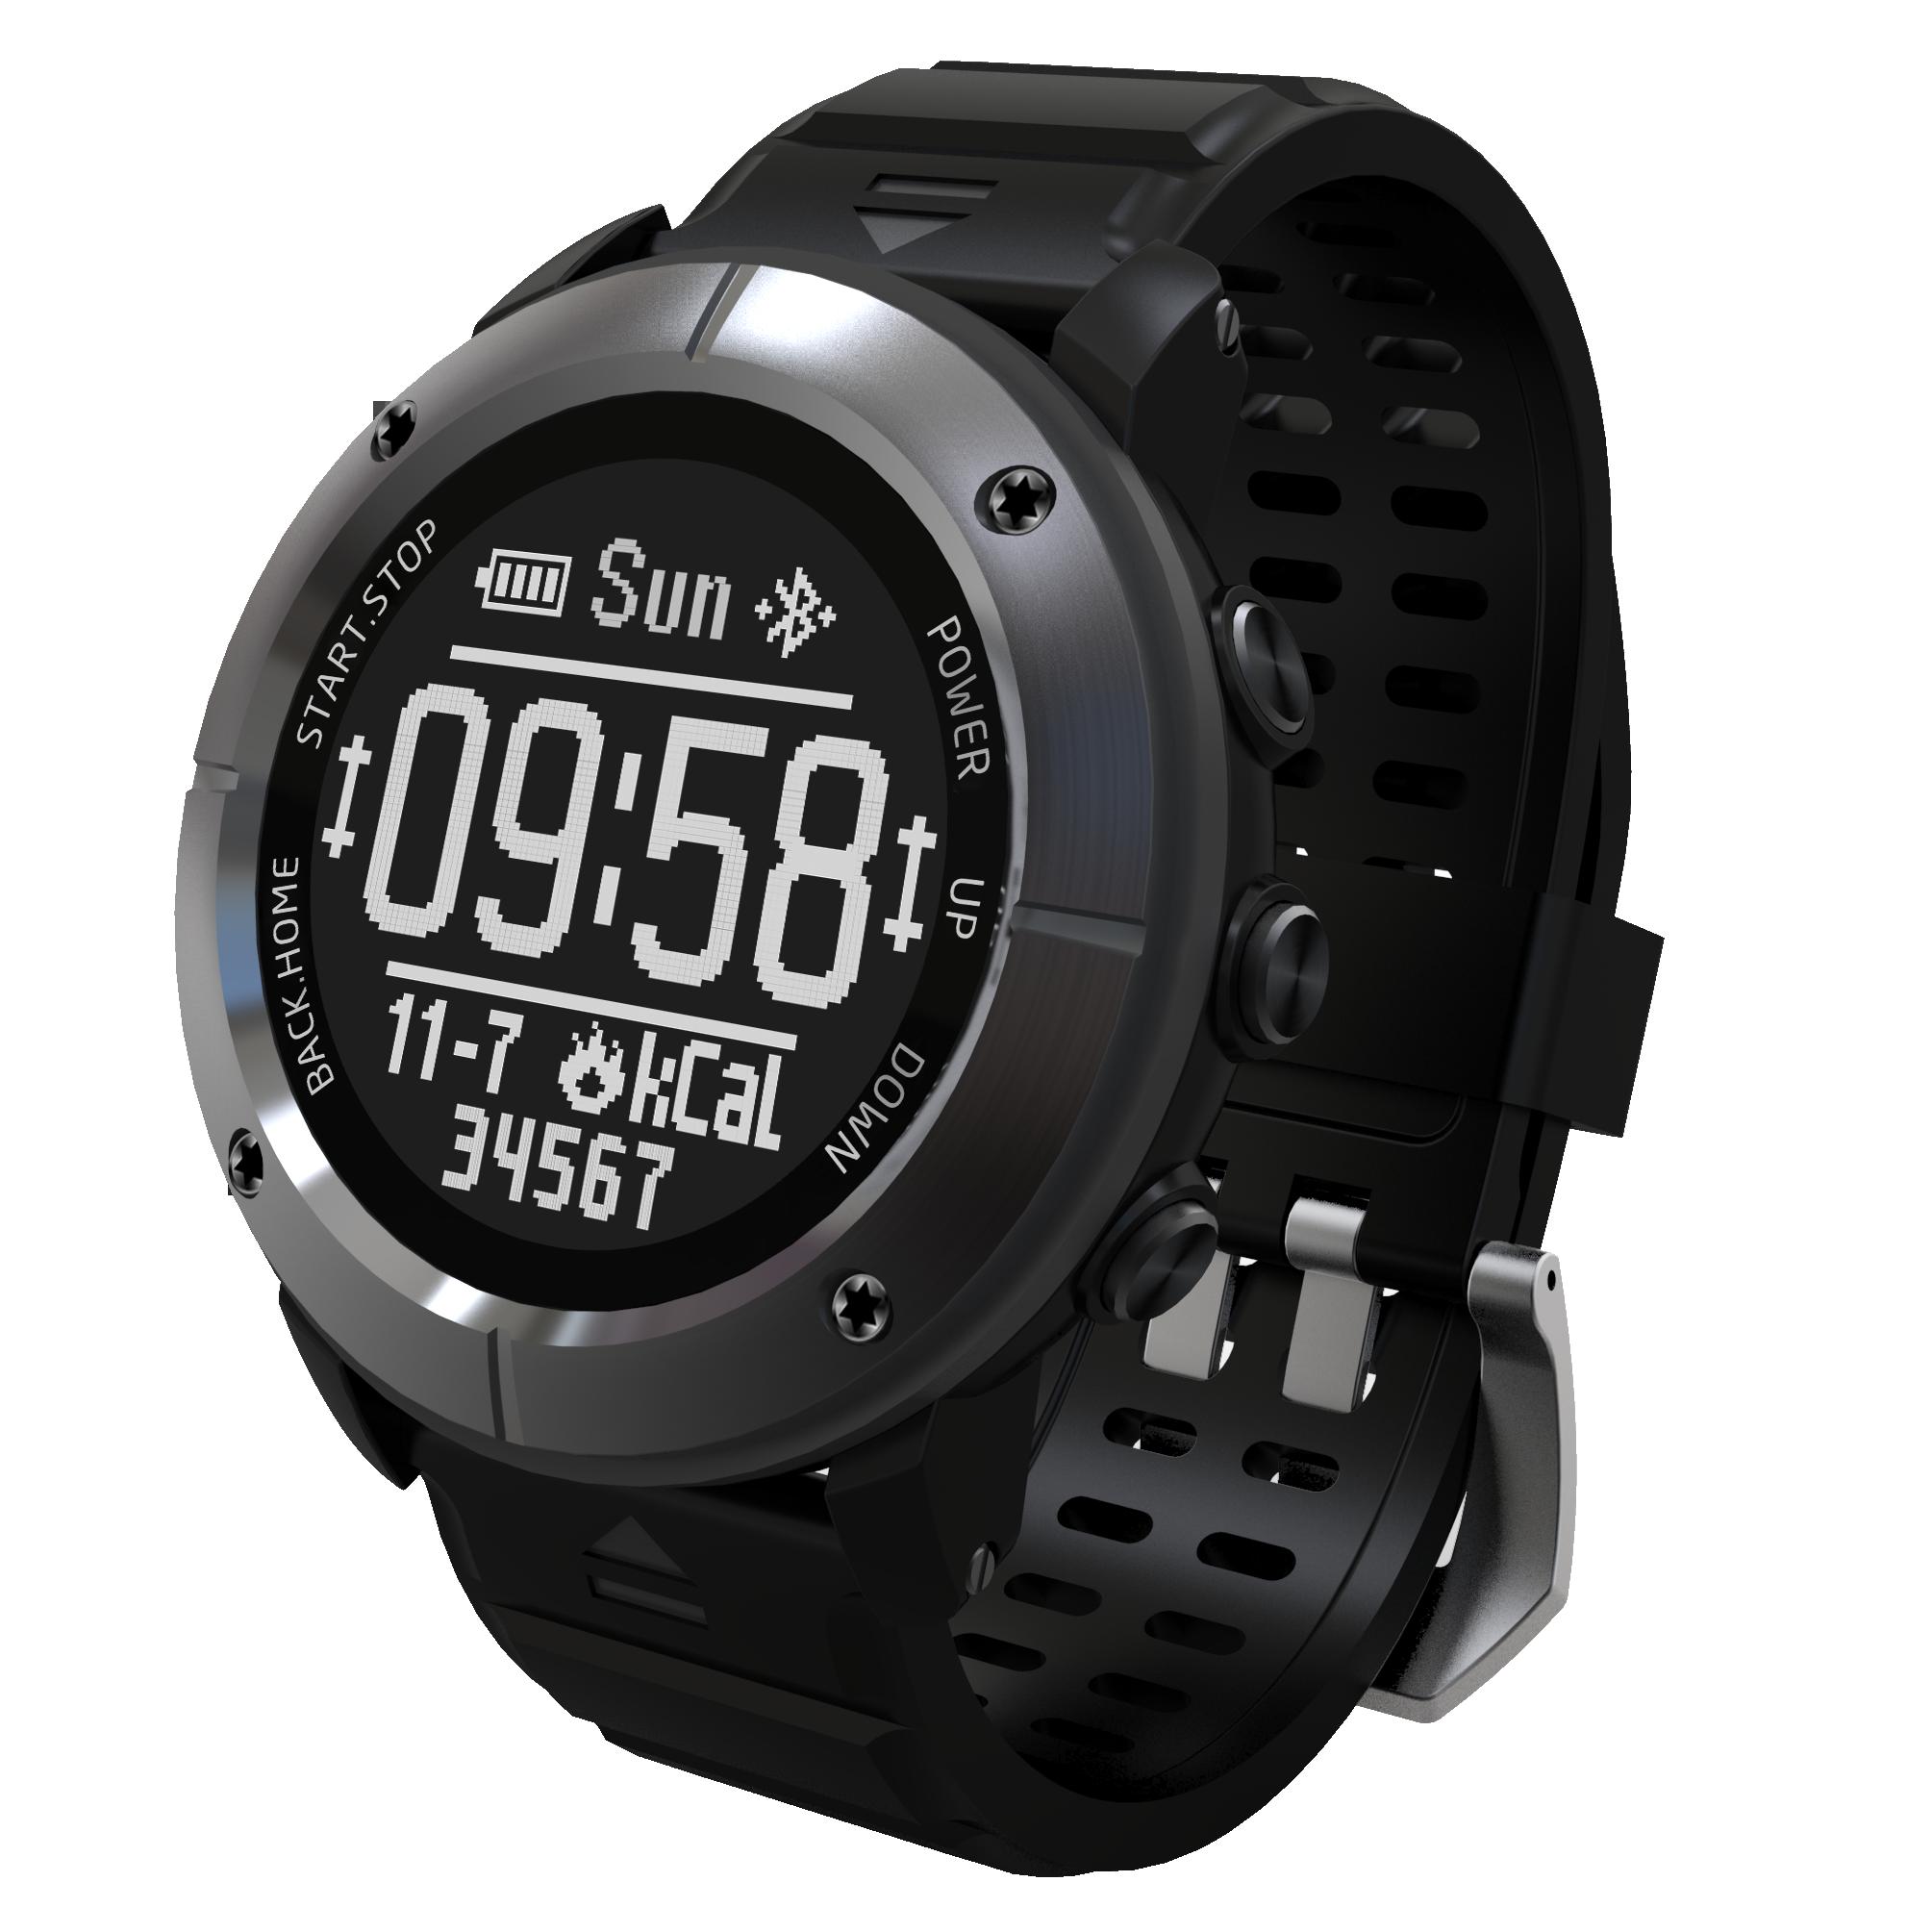 Uwear户外运动多功能北斗GPS心率计步指南针气压海拔温度游泳手表